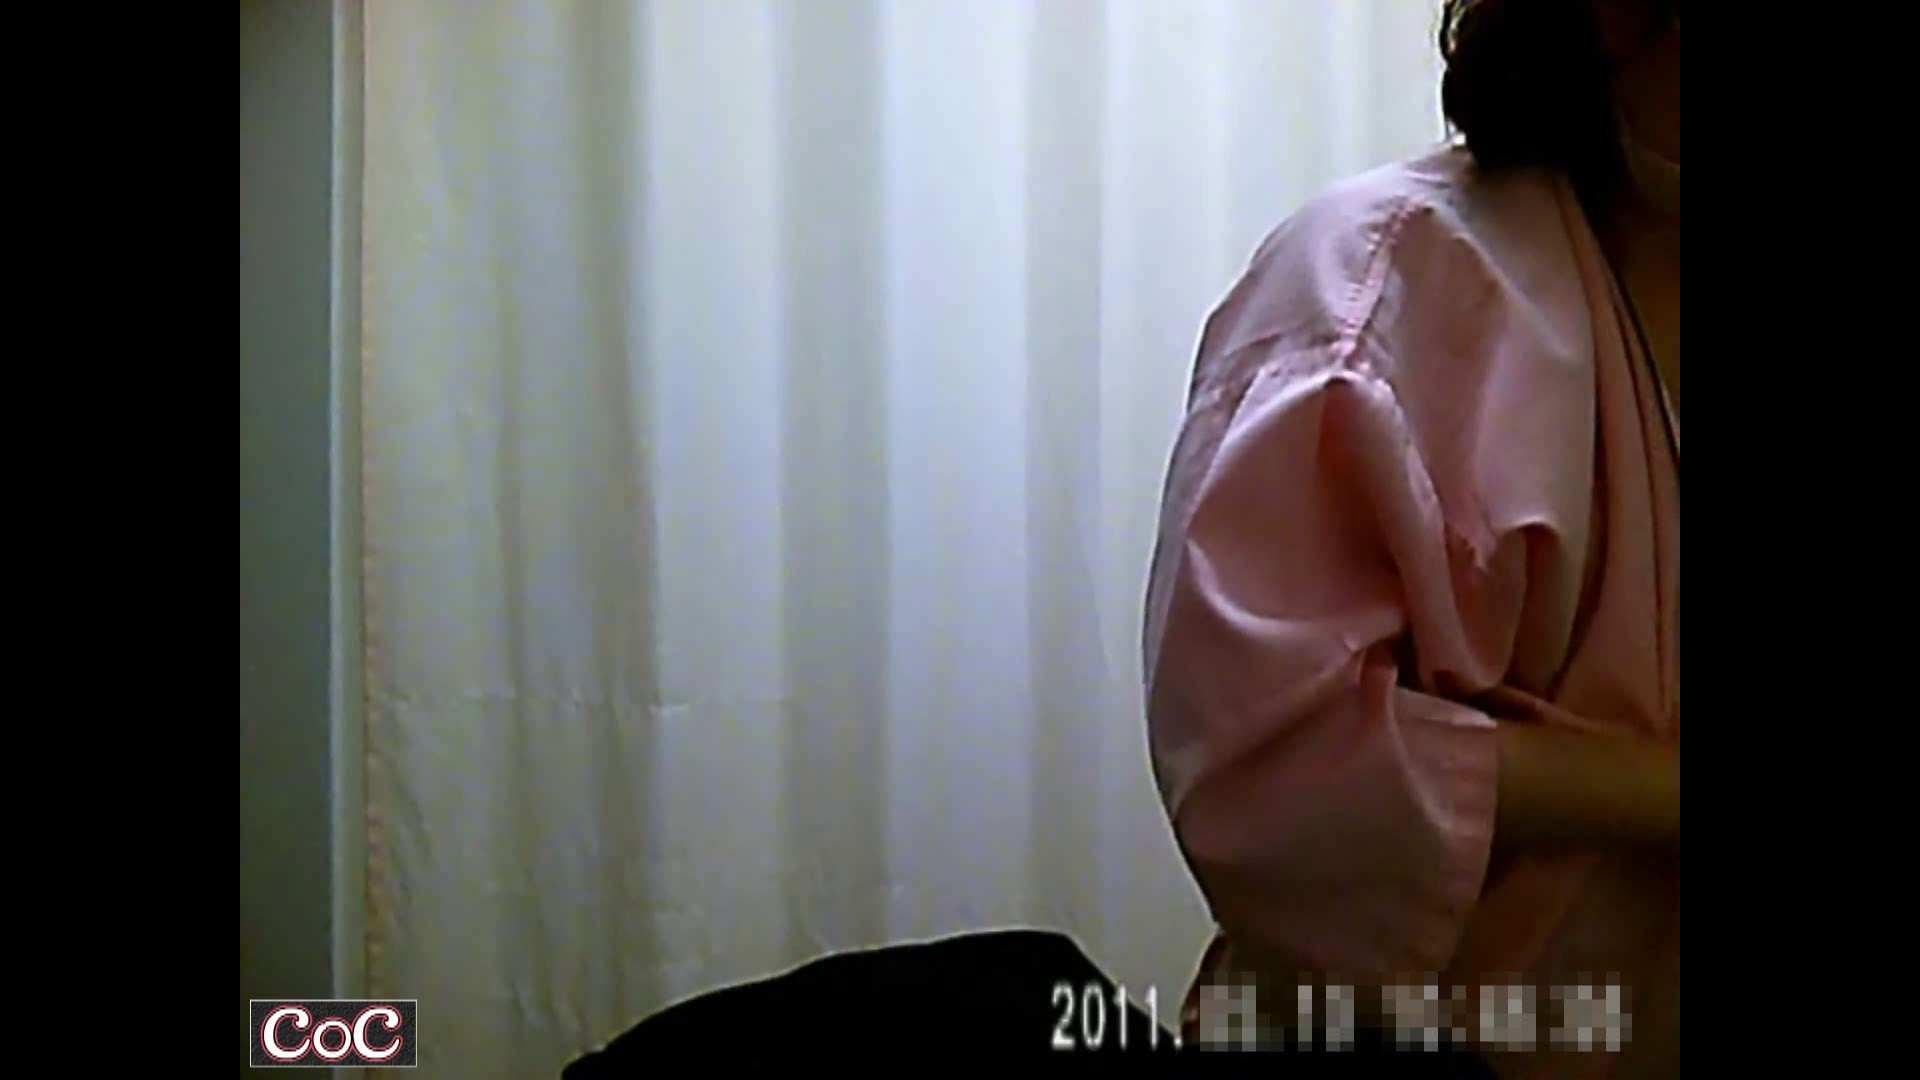 元医者による反抗 更衣室地獄絵巻 vol.201 盛合せ | 0  98画像 49